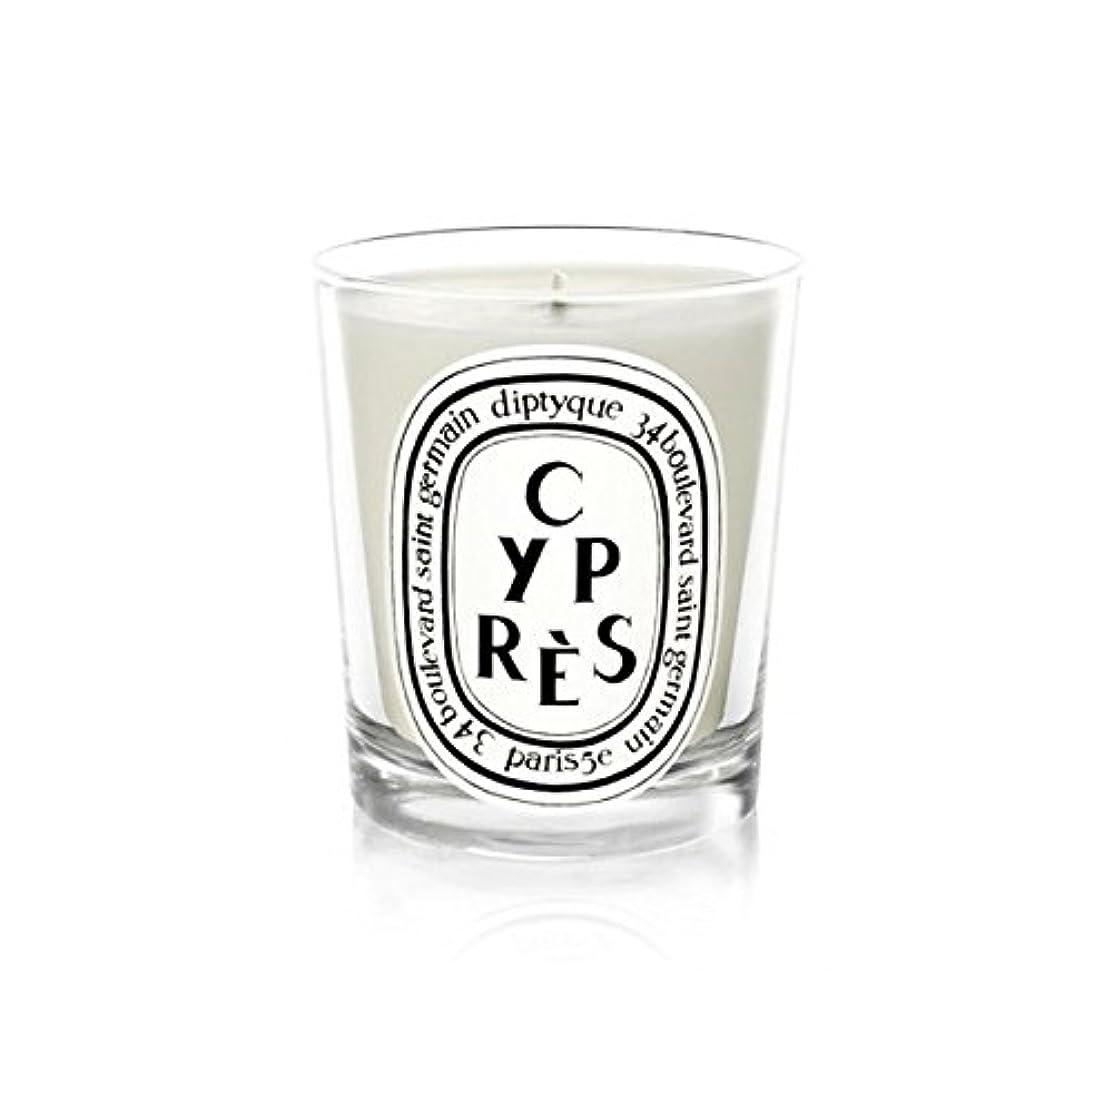 リダクター文字サイレントDiptyqueキャンドルCypr?s/ヒノキ190グラム - Diptyque Candle Cypr?s / Cypress 190g (Diptyque) [並行輸入品]